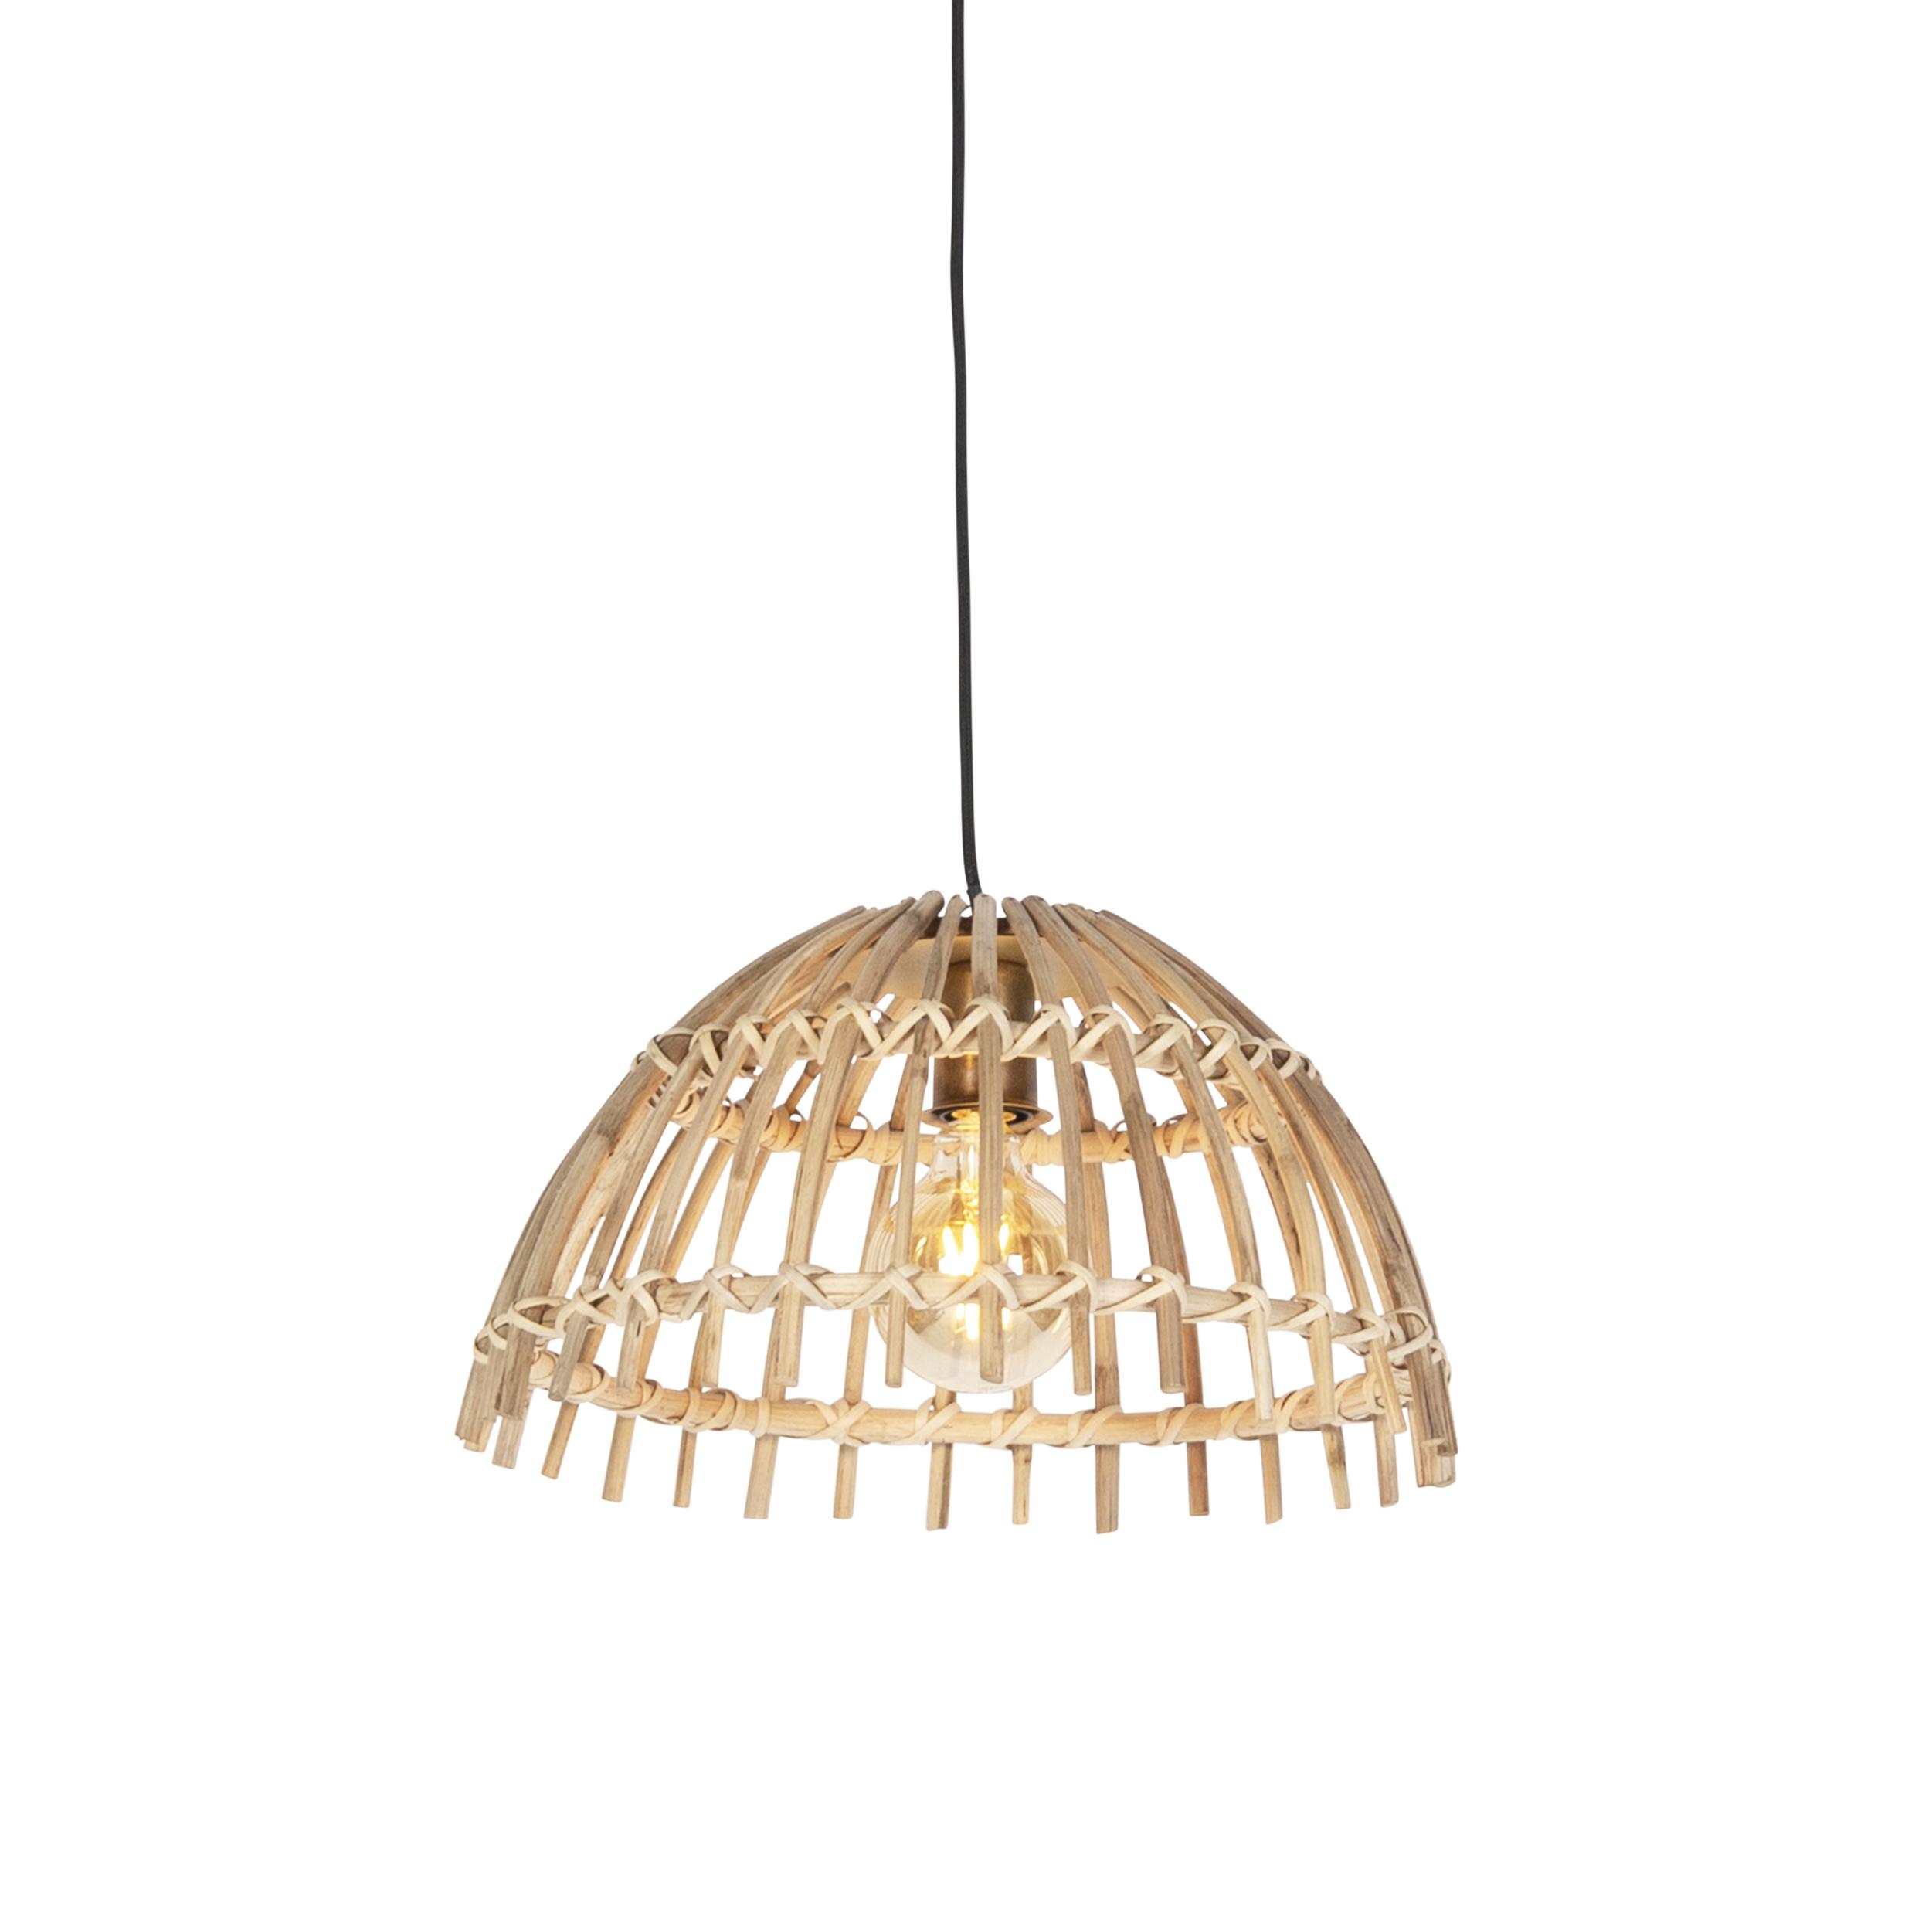 Landelijke hanglamp naturel bamboe - Cane Magna klein